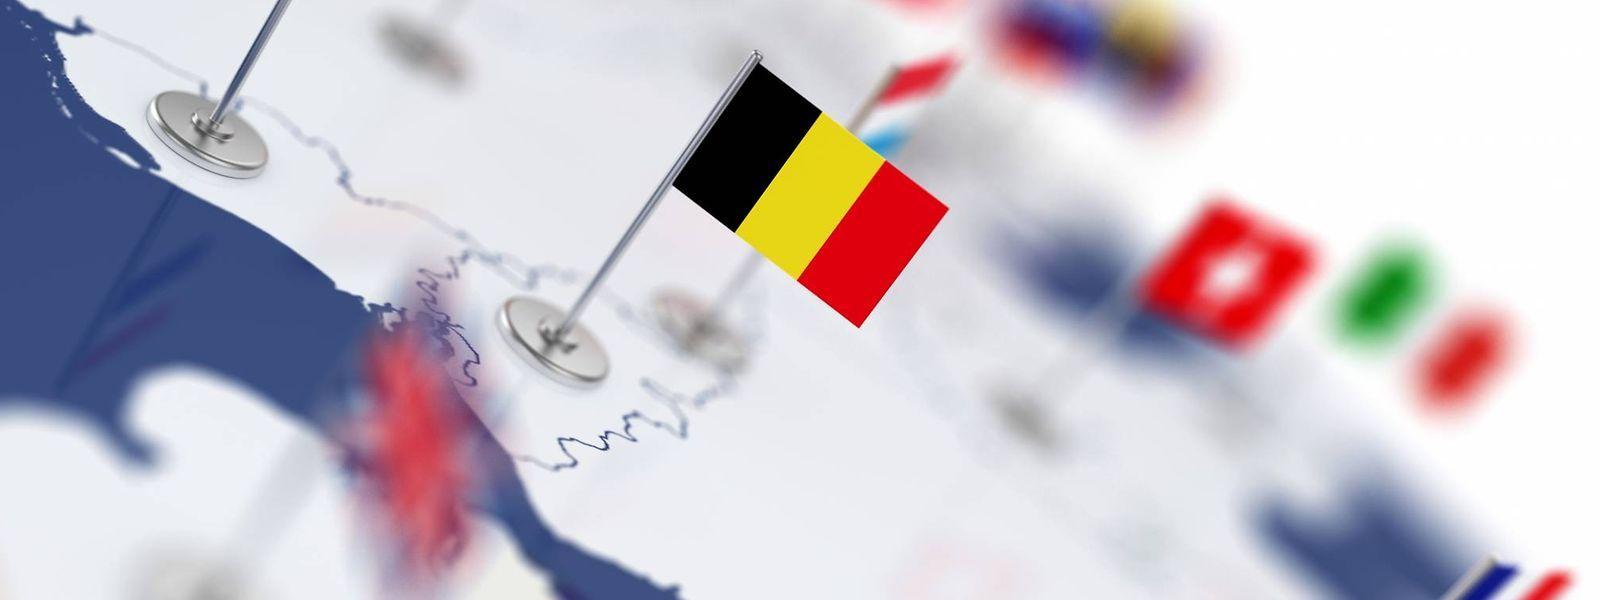 En plus des européennes, les électeurs belges devront se prononcer pour les législatives et les régionales. Soit un total de 643 personnes à élire.